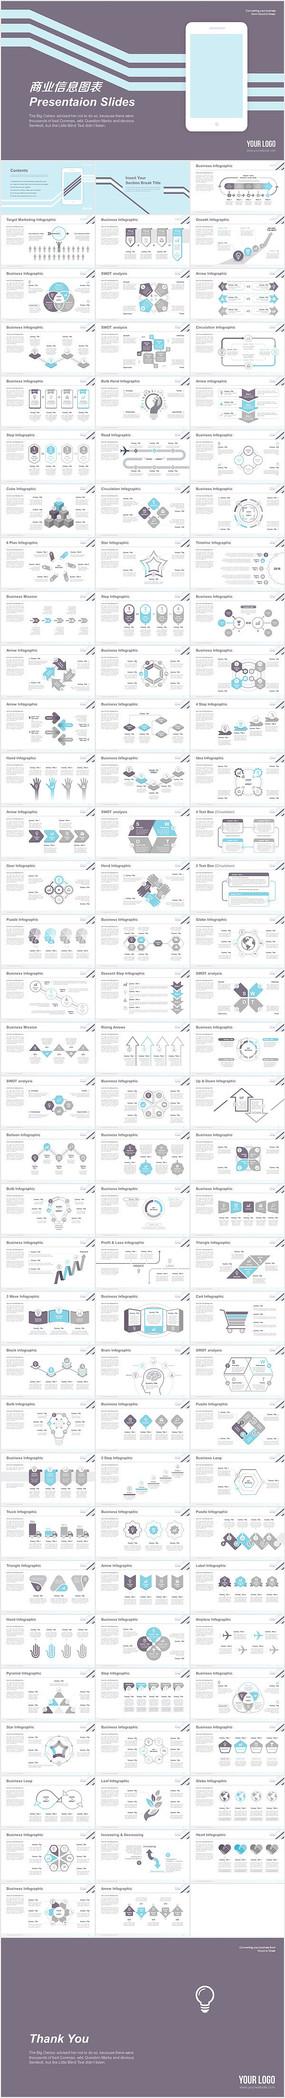 简洁商务数据信息图表PPT pptx